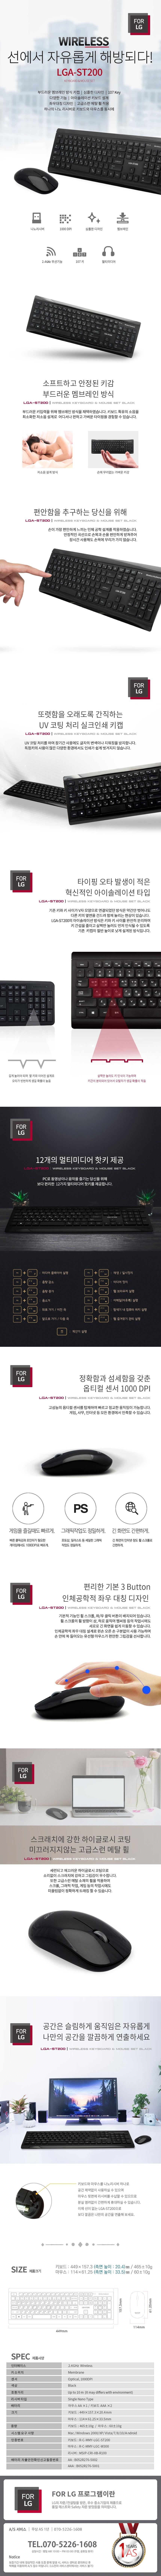 LKG For LG 저소음 무선 키보드 마우스 세트 LGA-ST200